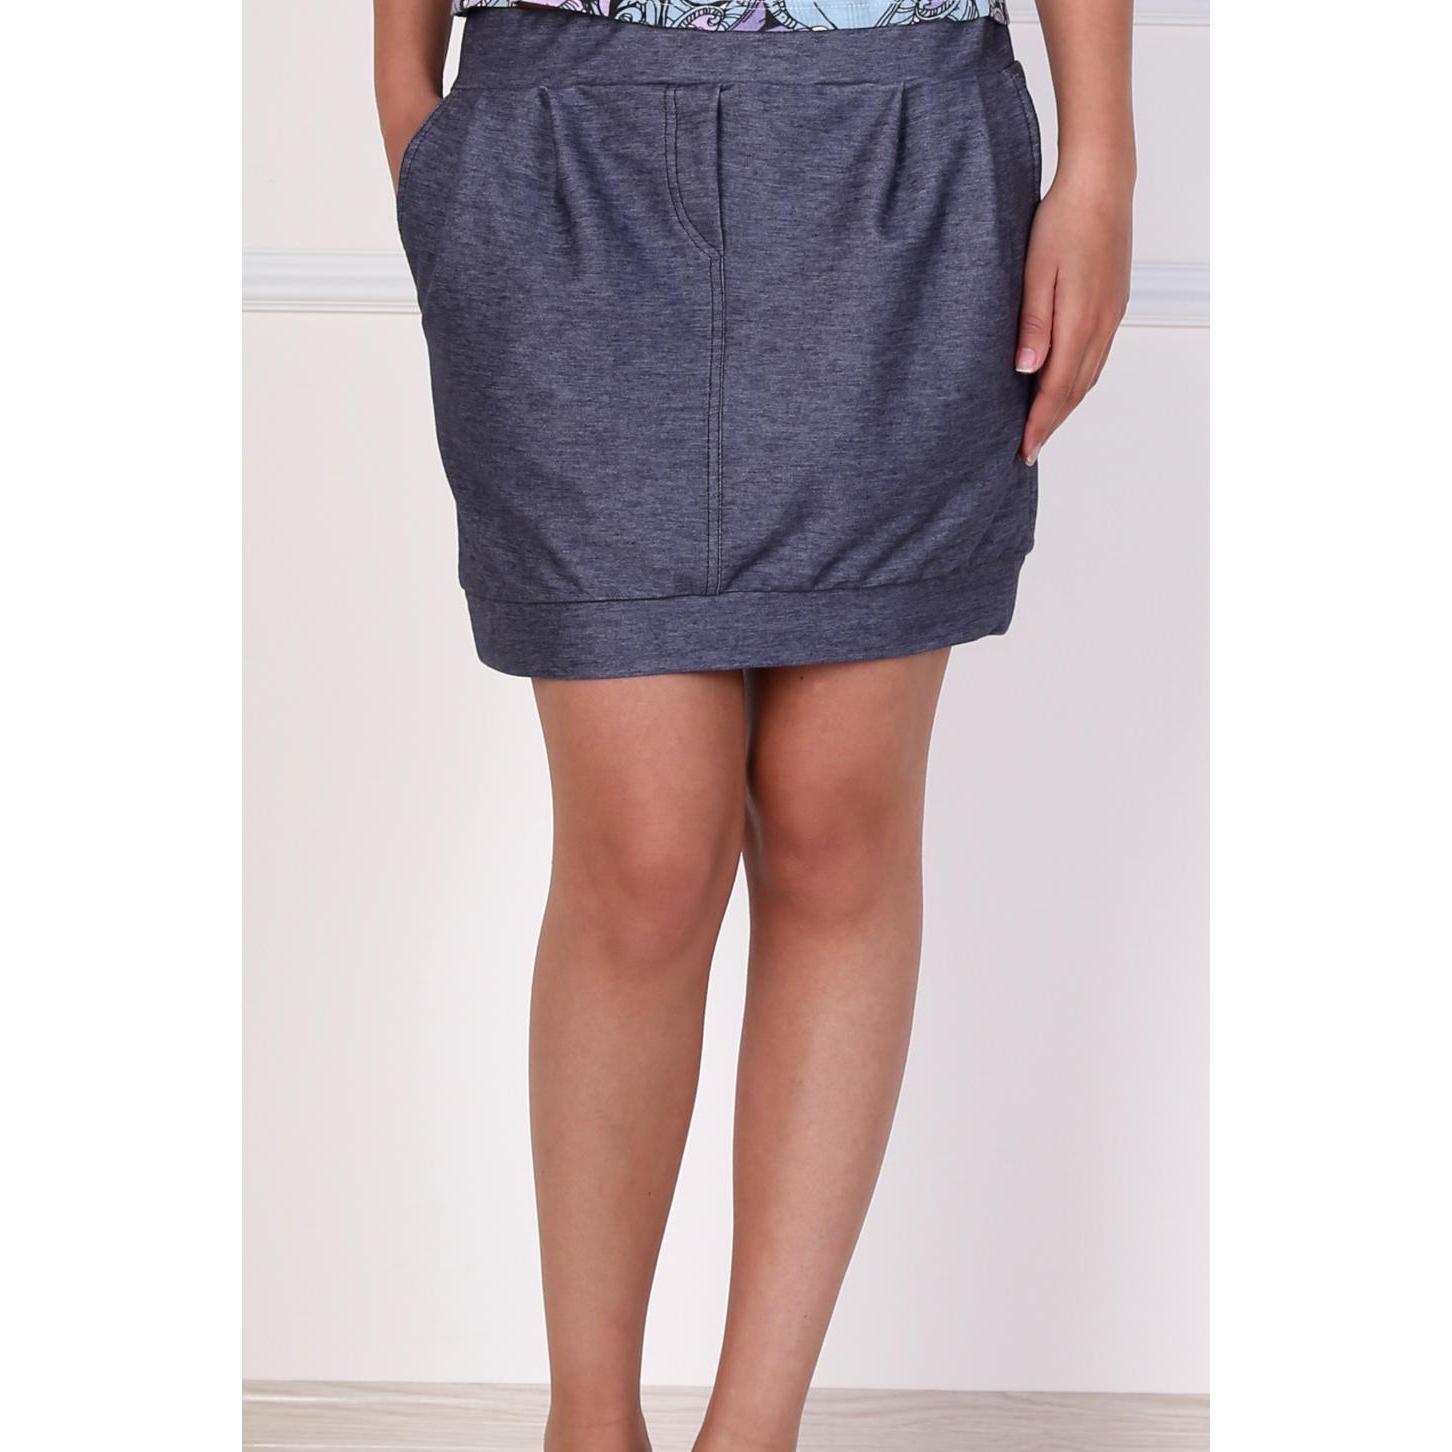 Женская юбка  Зара  Синий, размер 48 - Женская одежда артикул: 14572